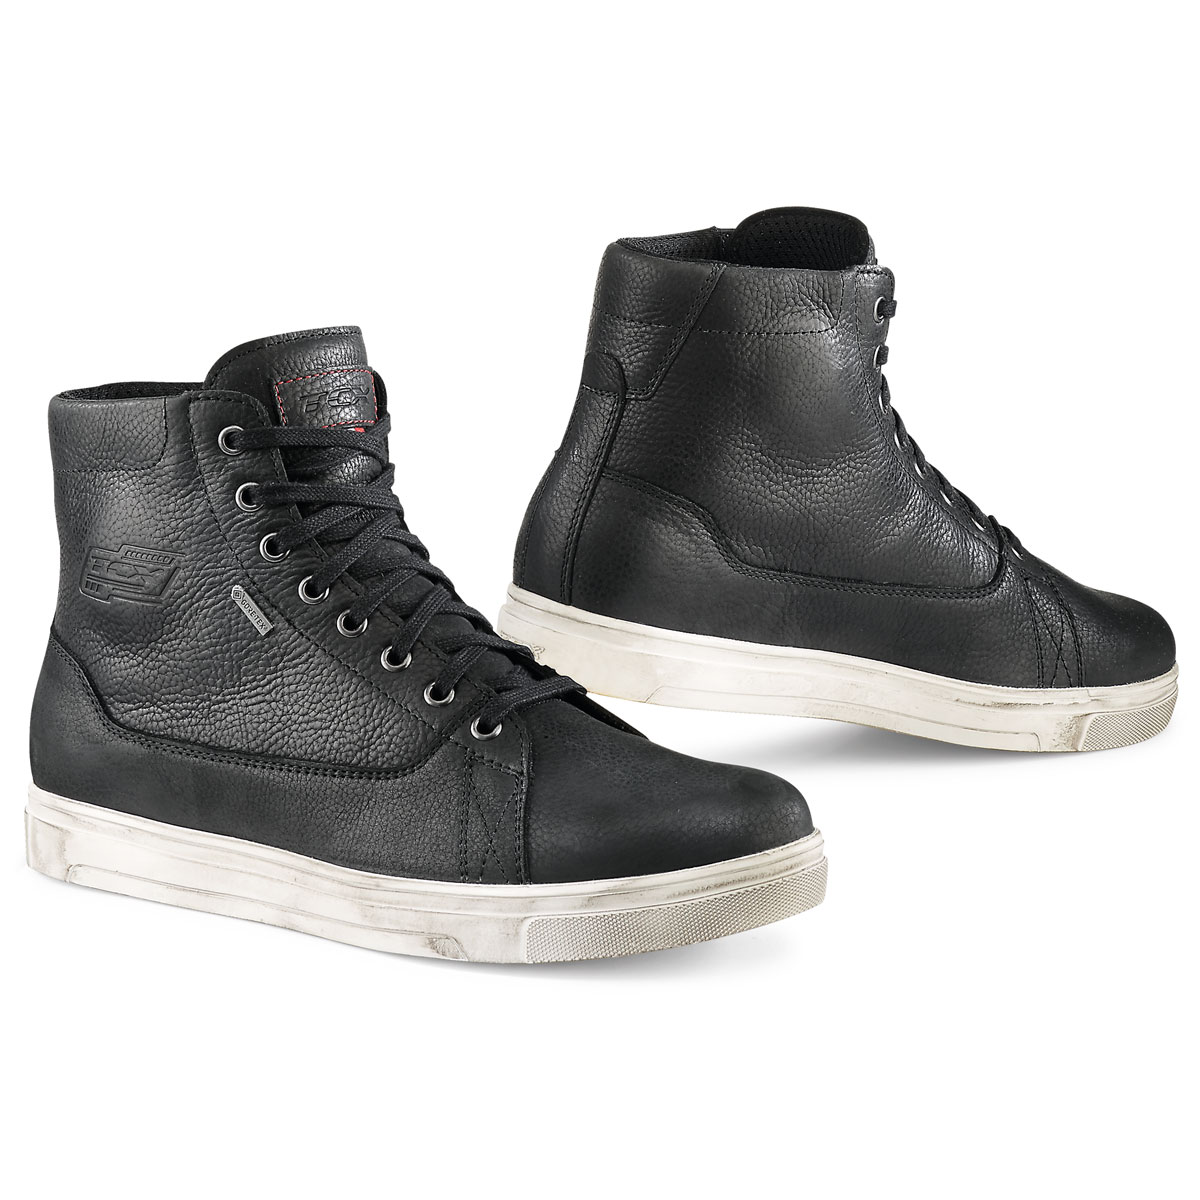 TCX Men's Mood Gore-Tex Black Boots